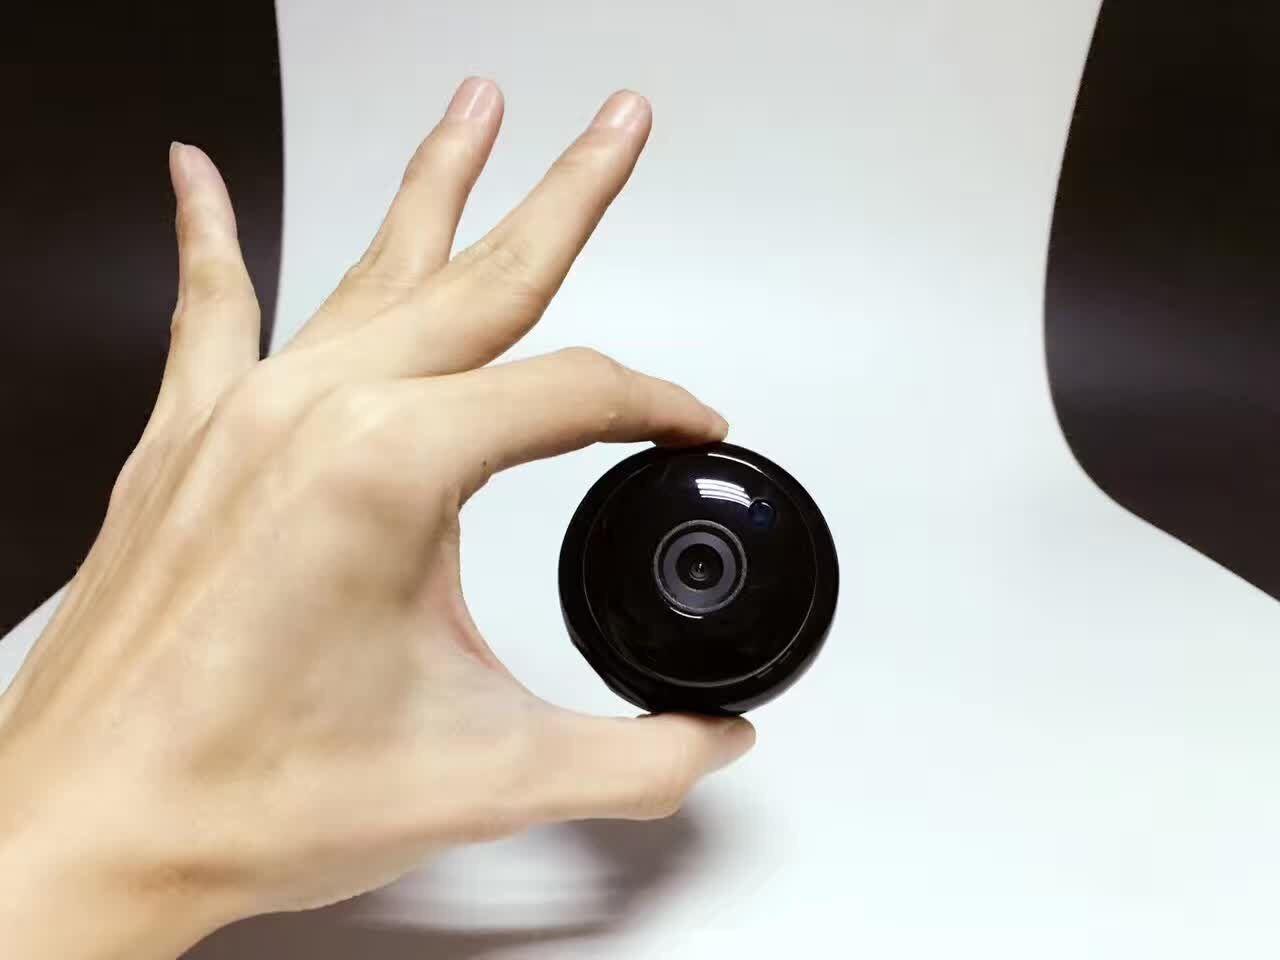 واي فاي اللاسلكية مصغرة مصغرة مصغرة كاميرا صغيرة عالية الوضوح سوبر رصد رصد تحقيقات مكافحة الشبح